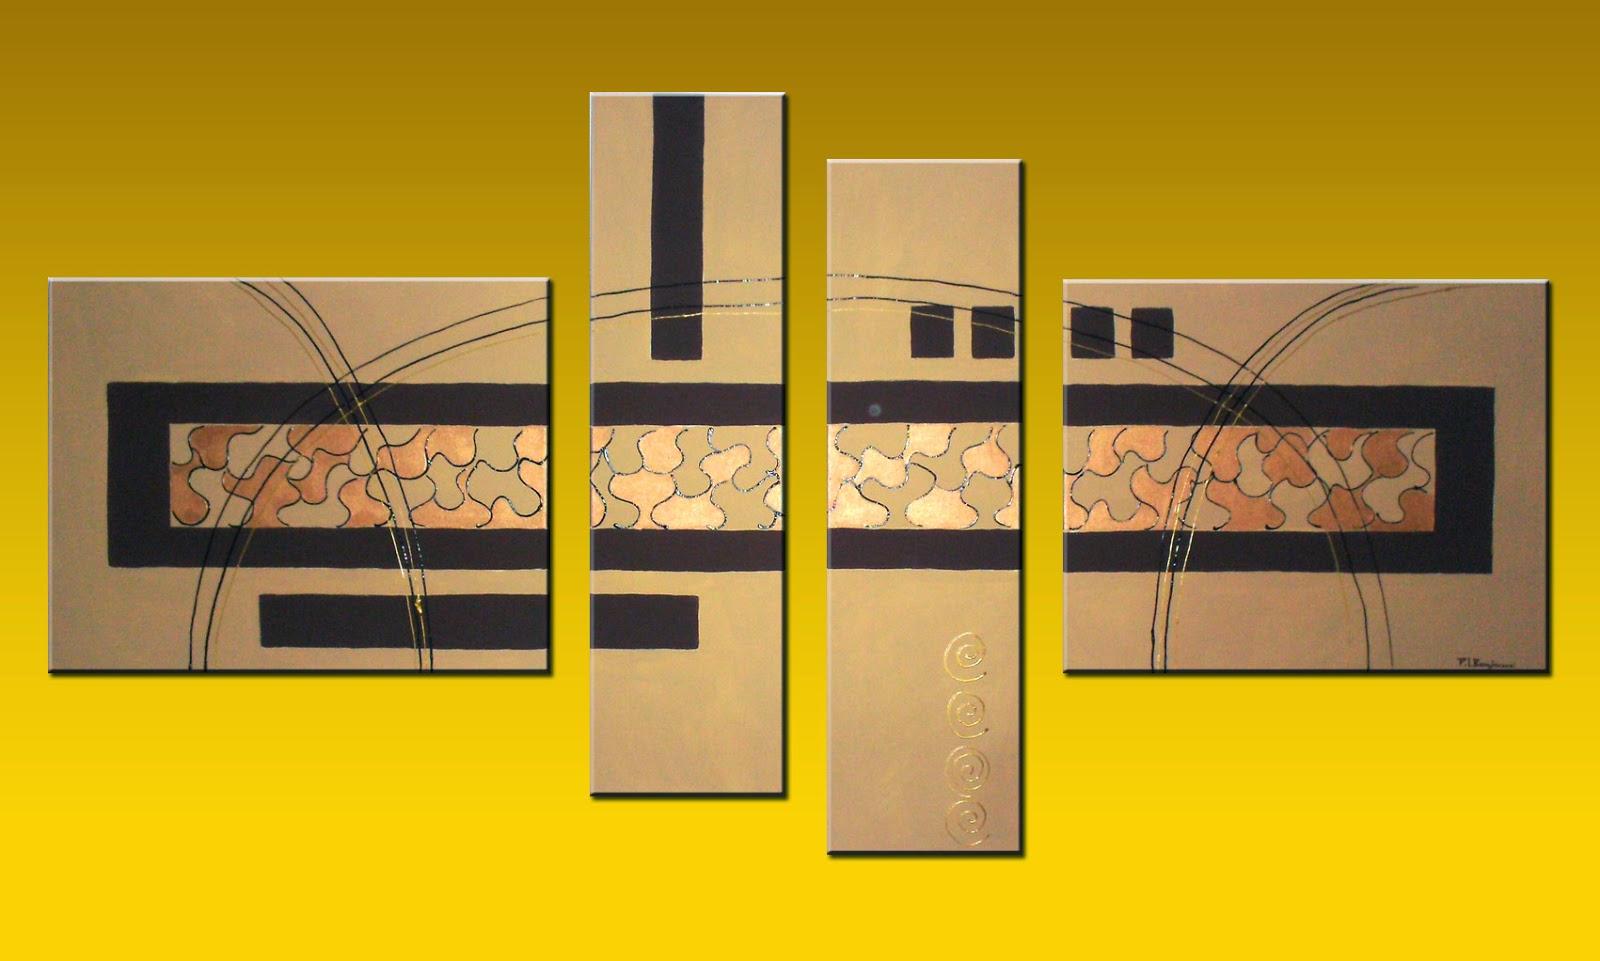 Cuadros abstractos y florales mirtatay cuadros abstractos for Imagenes de cuadros abstractos texturados